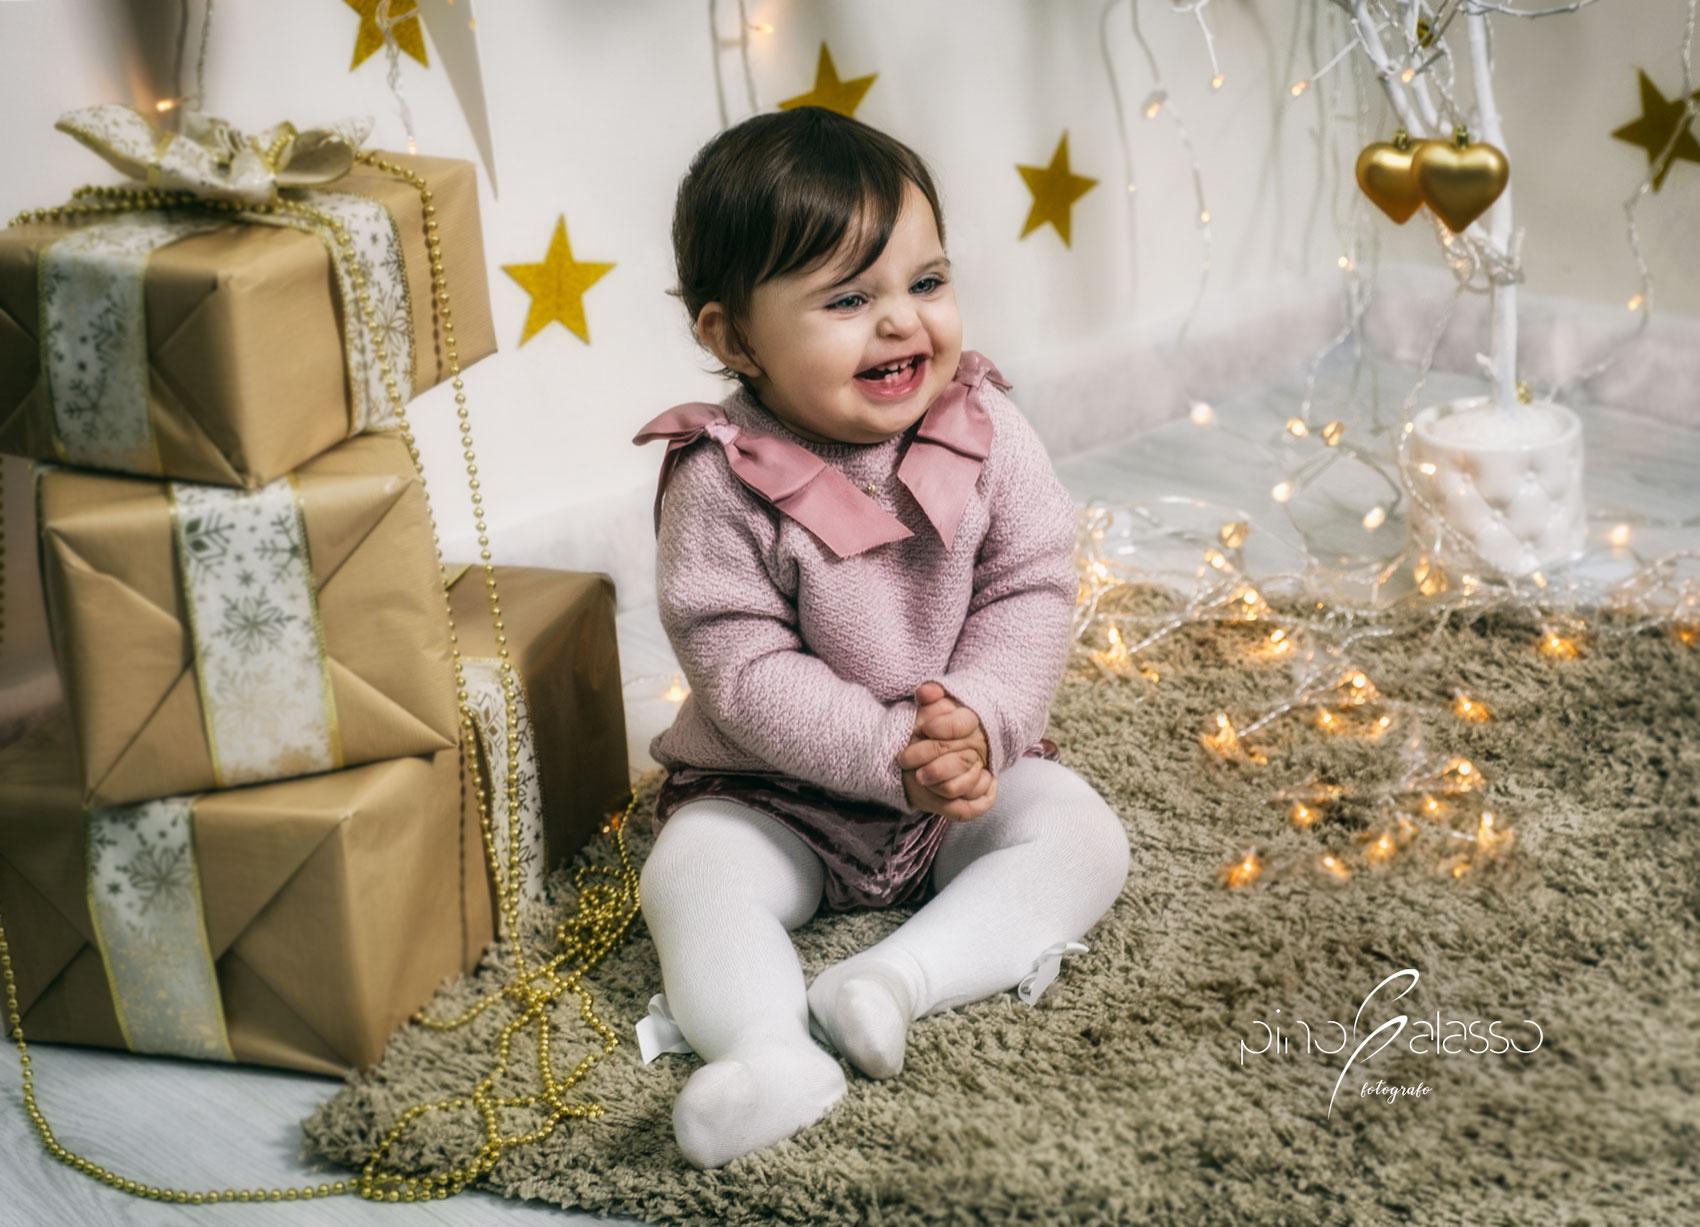 fotografia per mini sessione di Natale